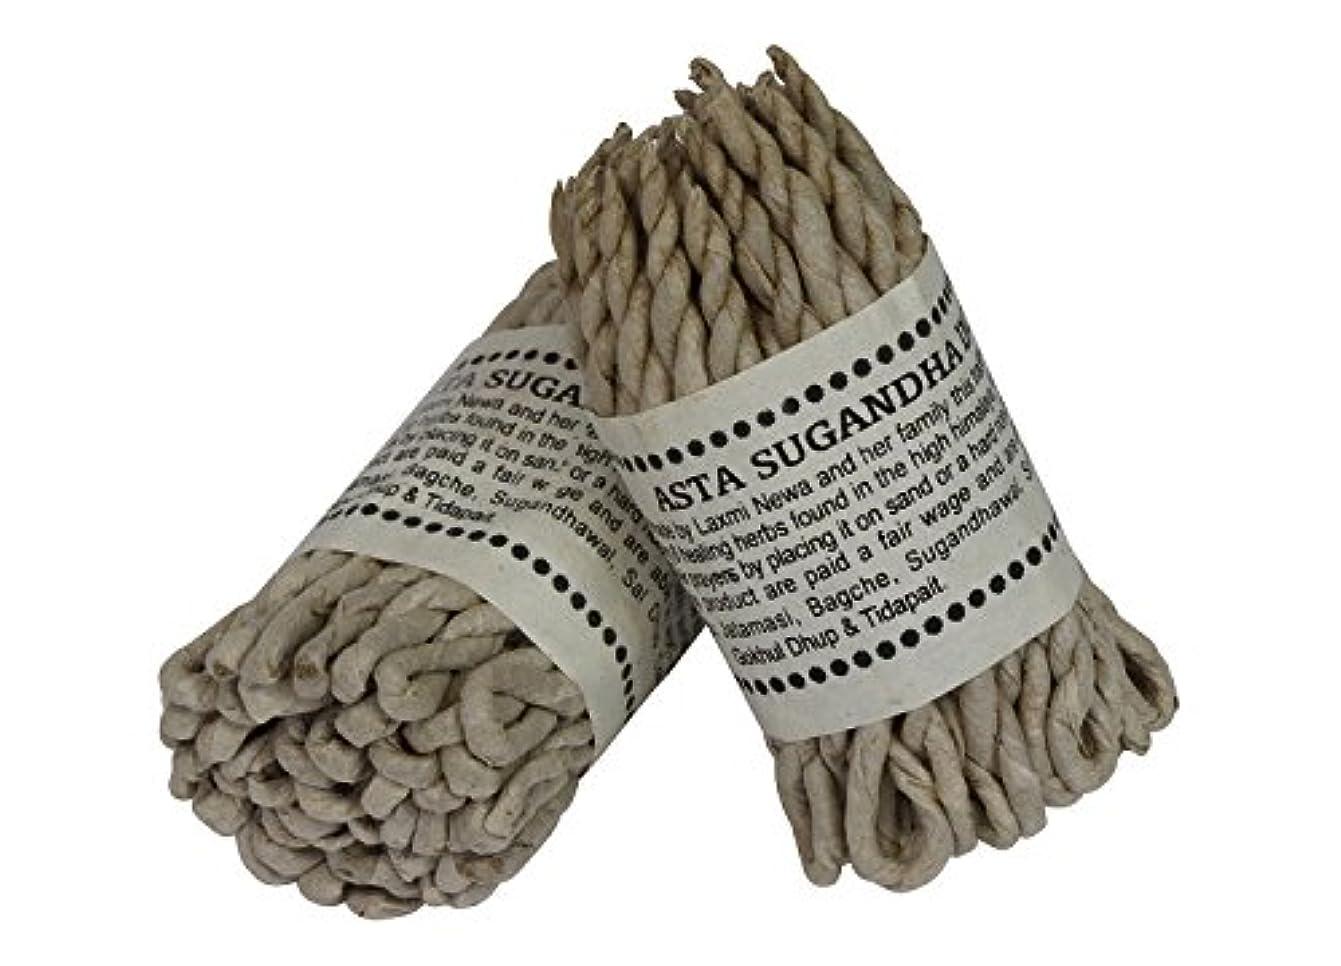 寛大な以内に超音速ネパール語Rope Incense with有機ハーブハンドメイドネパールからのバンドル2 ( 2 )